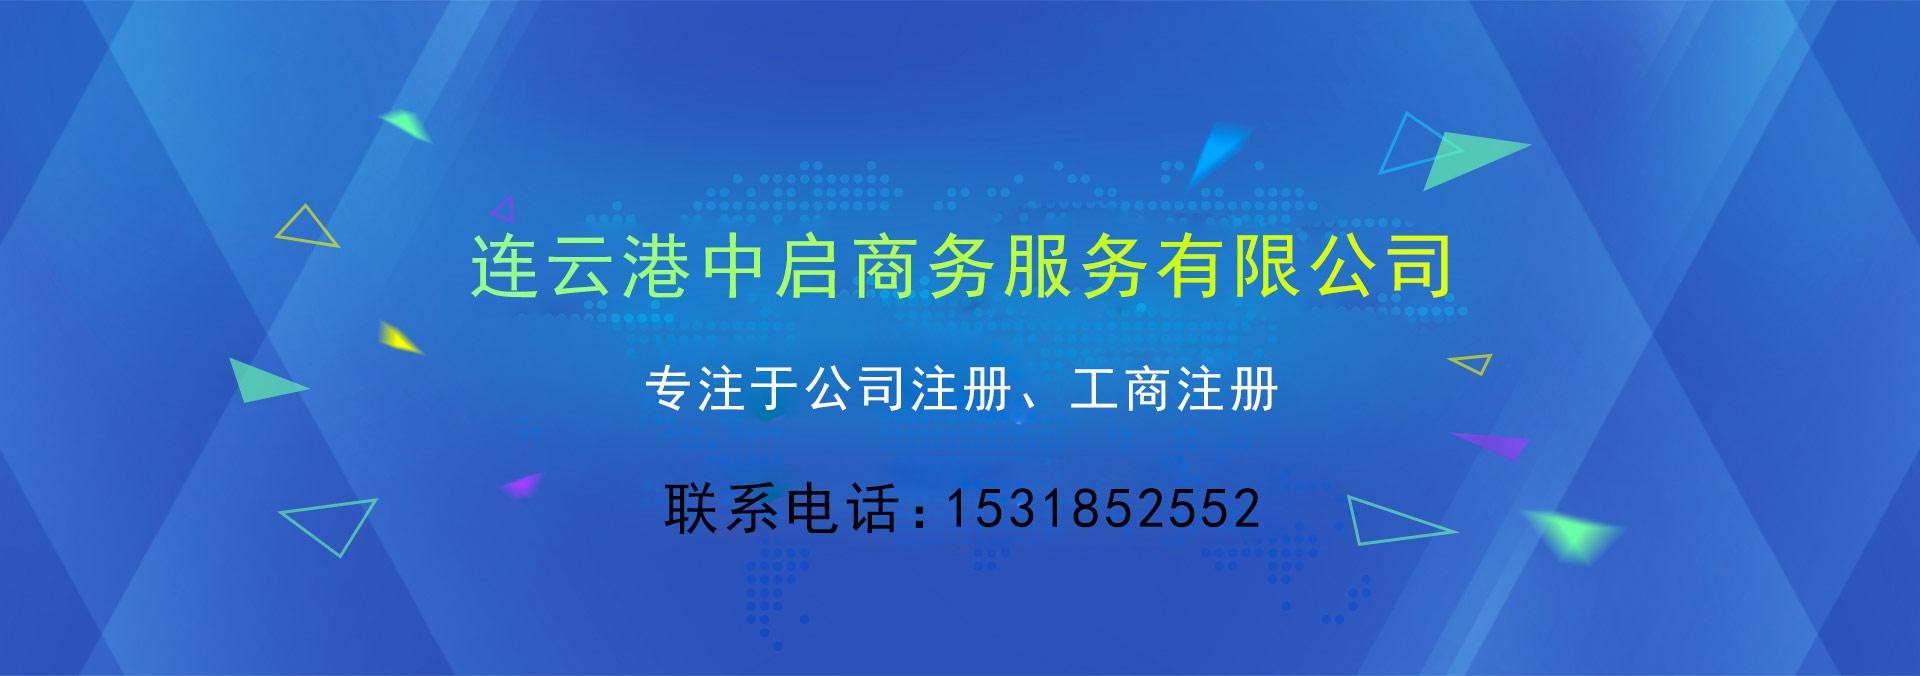 米乐m6棋牌官网公司注册